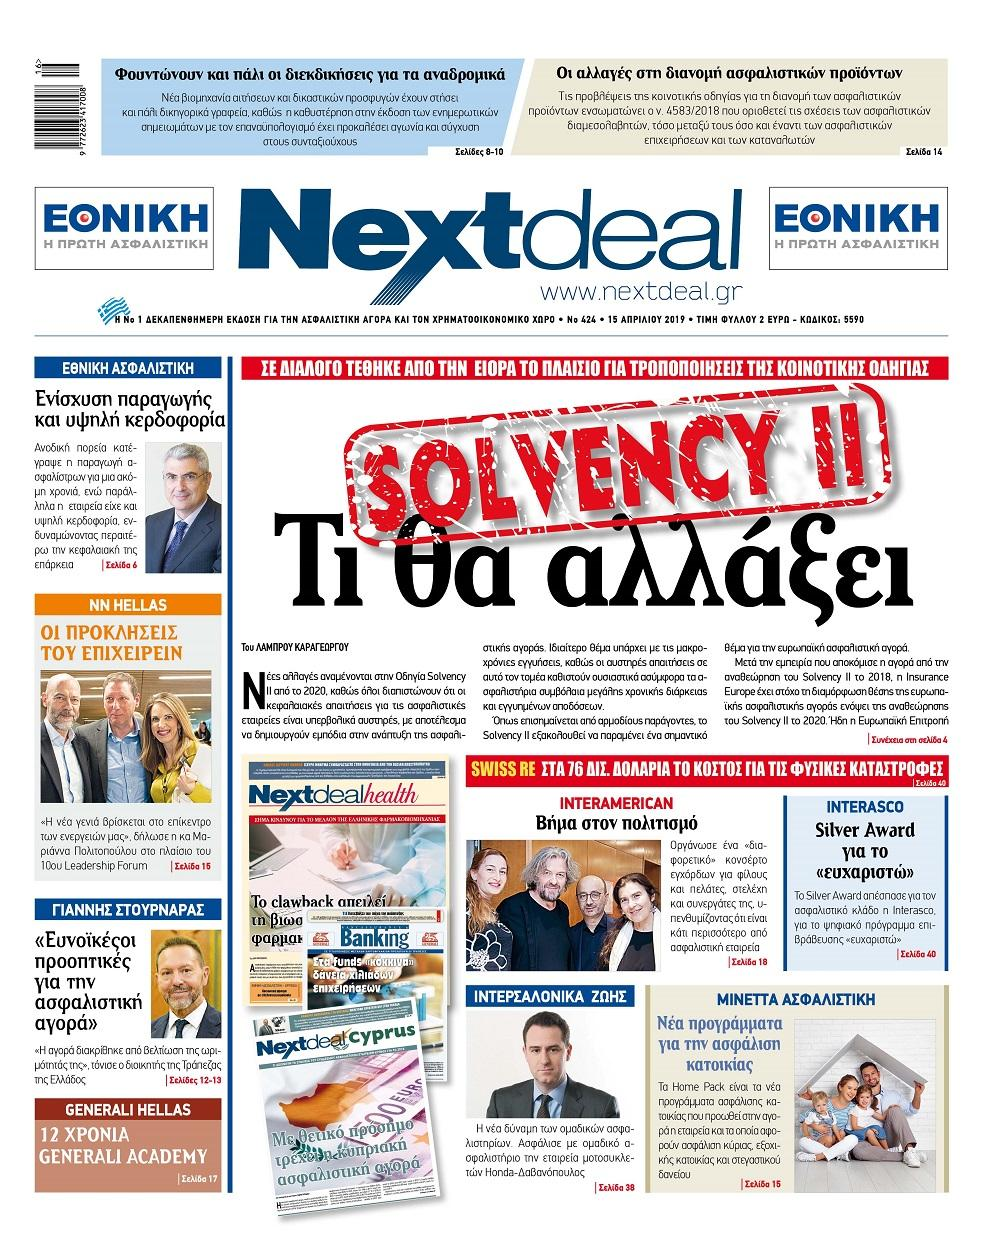 Πρωτοσέλιδο εφημερίδας NextDeal